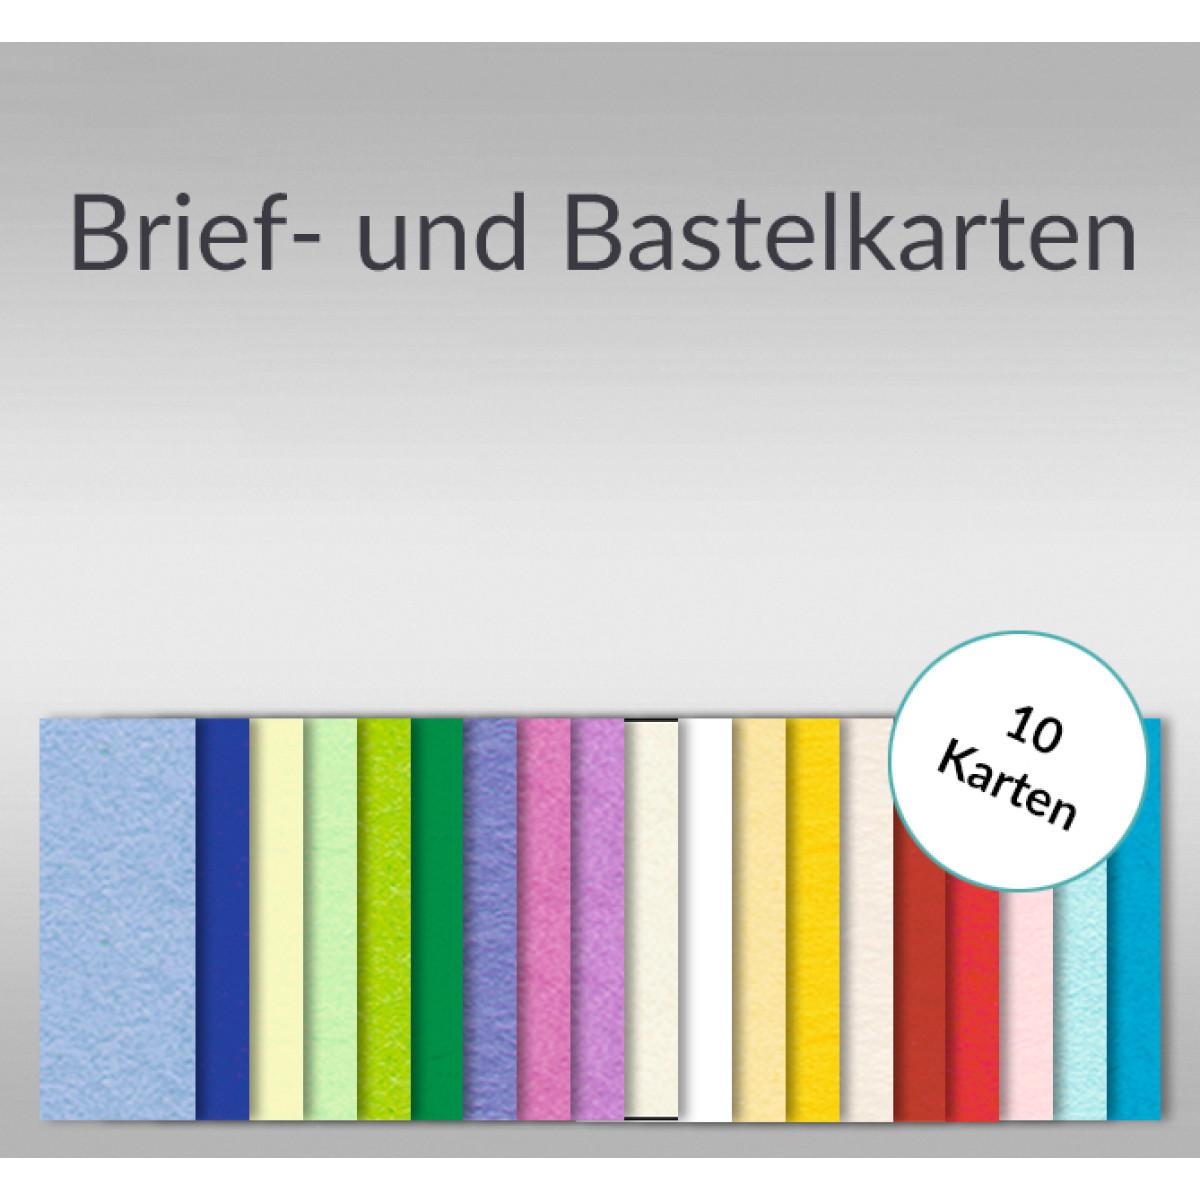 Brief Und Bastelkarten Din Lang Hochdoppelt 10 Karten